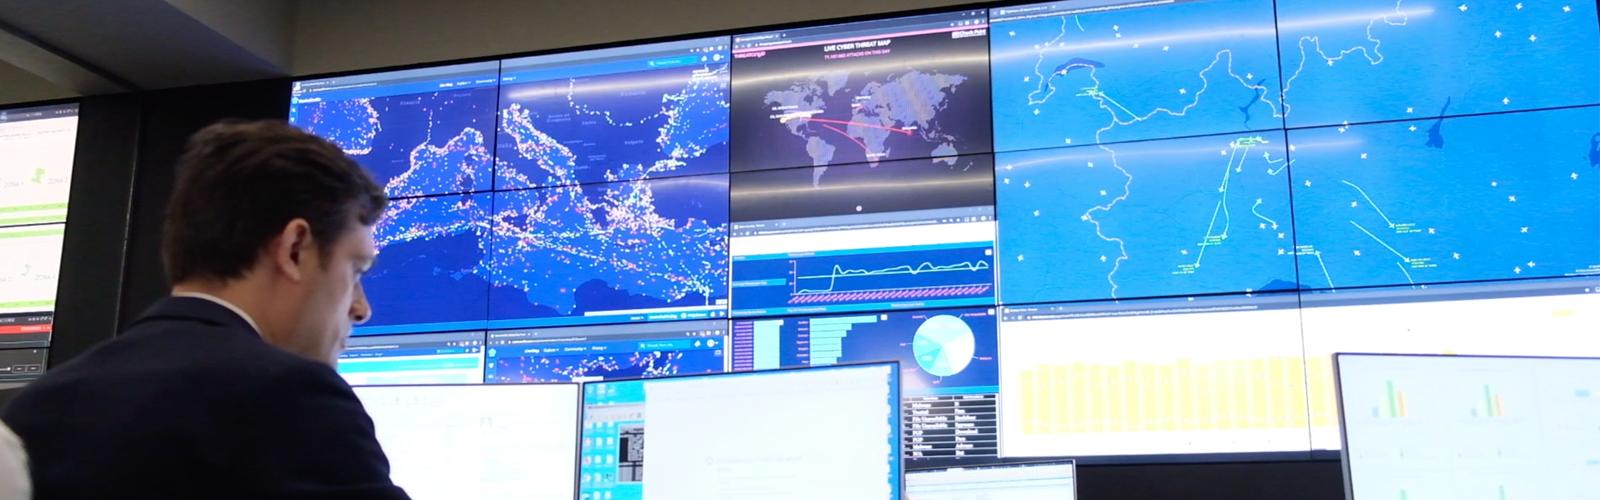 Un operatore nella monitoring room del Security Operation Center di intellisync